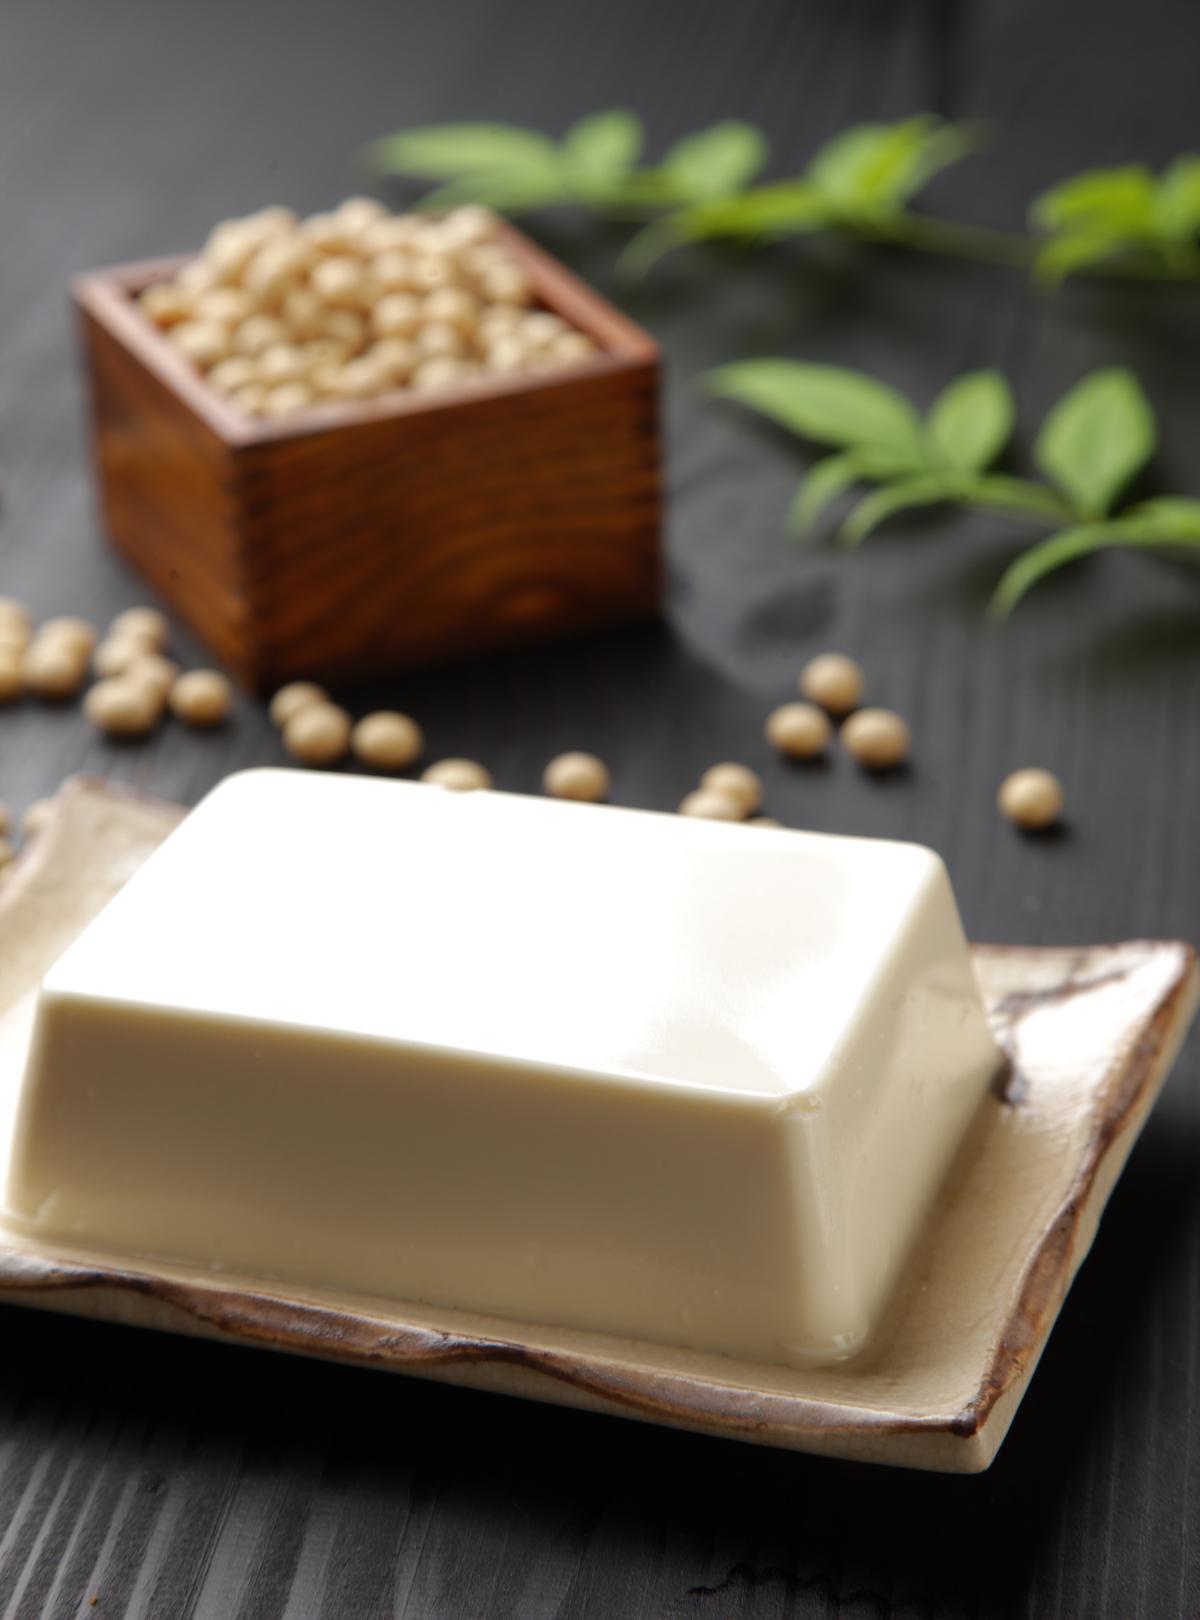 Tofu Soyeux © UV70 shutterstock